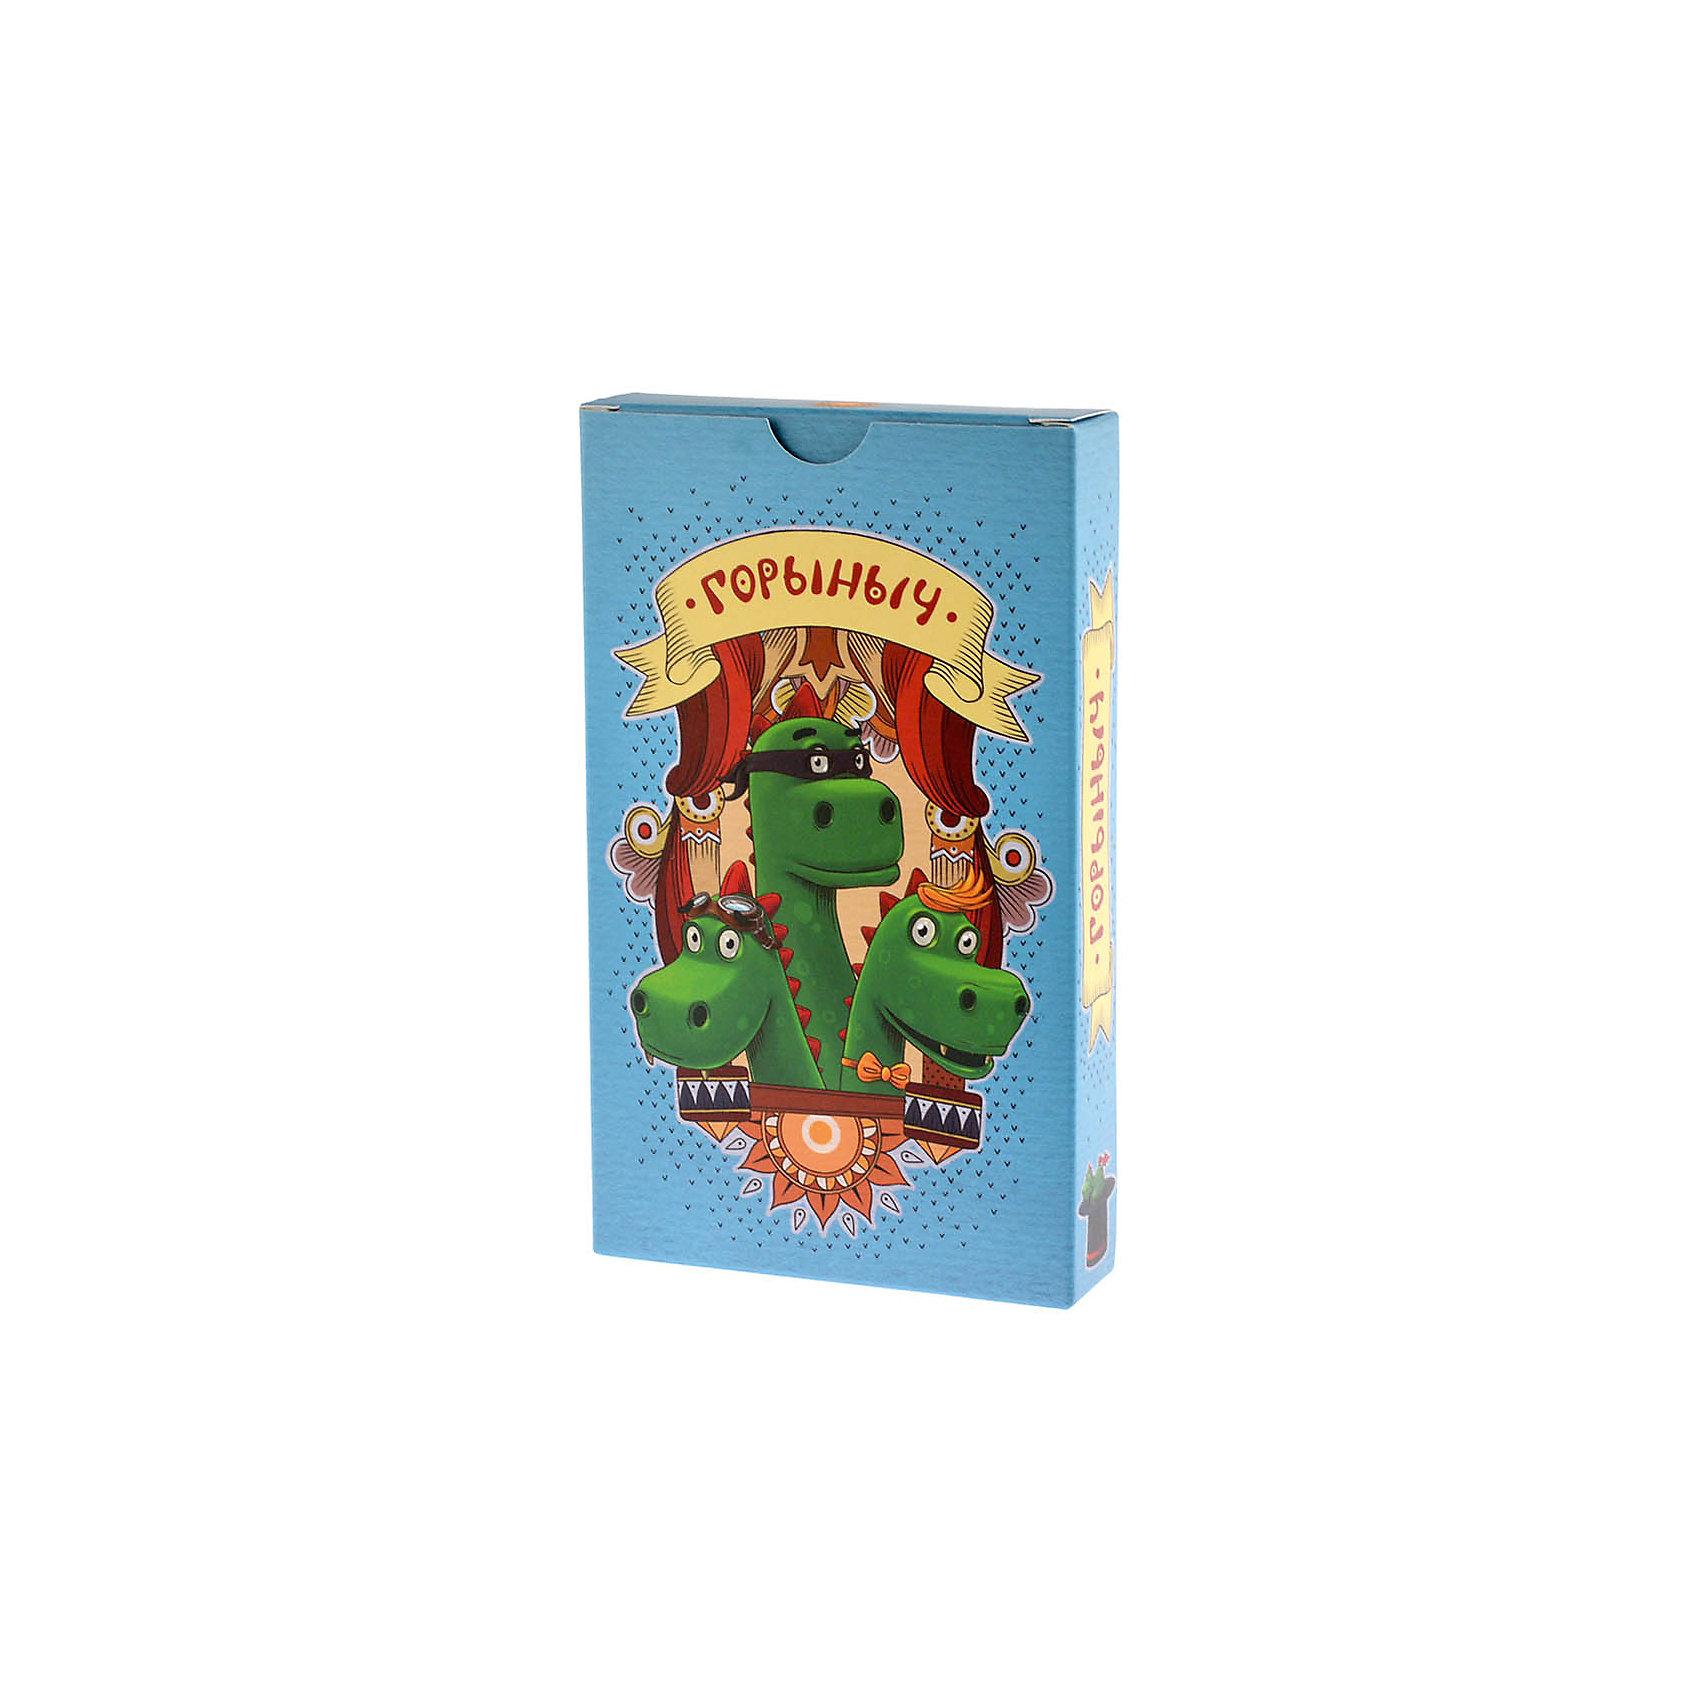 Настольная игра Горыныч, МагелланНастольные игры для всей семьи<br>Характеристики:<br><br>• возраст: от 6 лет<br>• комплектация: 9 карт персонажей (головы дракона); 3 двусторонних карты Царевен (итого 6 красавиц); арсенал боевого дракона: 60 карт колоды «Страсти» (30 карт драконьего огня; 15 карт волшебства; 8 карт защиты; 7 карт подарков) и 24 карты из колоды «Напасти» (18 карт отважных приключенцев, 6 карт нежданчиков, или форс-мажоров); 6 жетонов здоровья дракона Гоши; 24 монеты; правила игры.<br>• материал: картон<br>• количество игроков: от 2 до 6 человек<br>• время игры: 15-35 минут<br>• упаковка: картонная коробка<br>• размер упаковки: 17х10х3 см.<br>• вес: 240 гр.<br><br>Вы играете за одну из голов дракона Гоши, умыкнувшего Царевну. Вам вместе с другими игроками-головами придётся справляться с целым потоком отважных рыцарей, толпой защитников Царевны и массой других сложностей. А ещё строить красавице глазки. Постарайтесь не подвести дракона и остаться вместе с ним к концу игры, не потратить все свои деньги и больше всего понравиться капризной даме.<br><br>Настольную игру Горыныч, Магеллан можно купить в нашем интернет-магазине.<br><br>Ширина мм: 170<br>Глубина мм: 100<br>Высота мм: 30<br>Вес г: 240<br>Возраст от месяцев: 72<br>Возраст до месяцев: 168<br>Пол: Унисекс<br>Возраст: Детский<br>SKU: 7036629